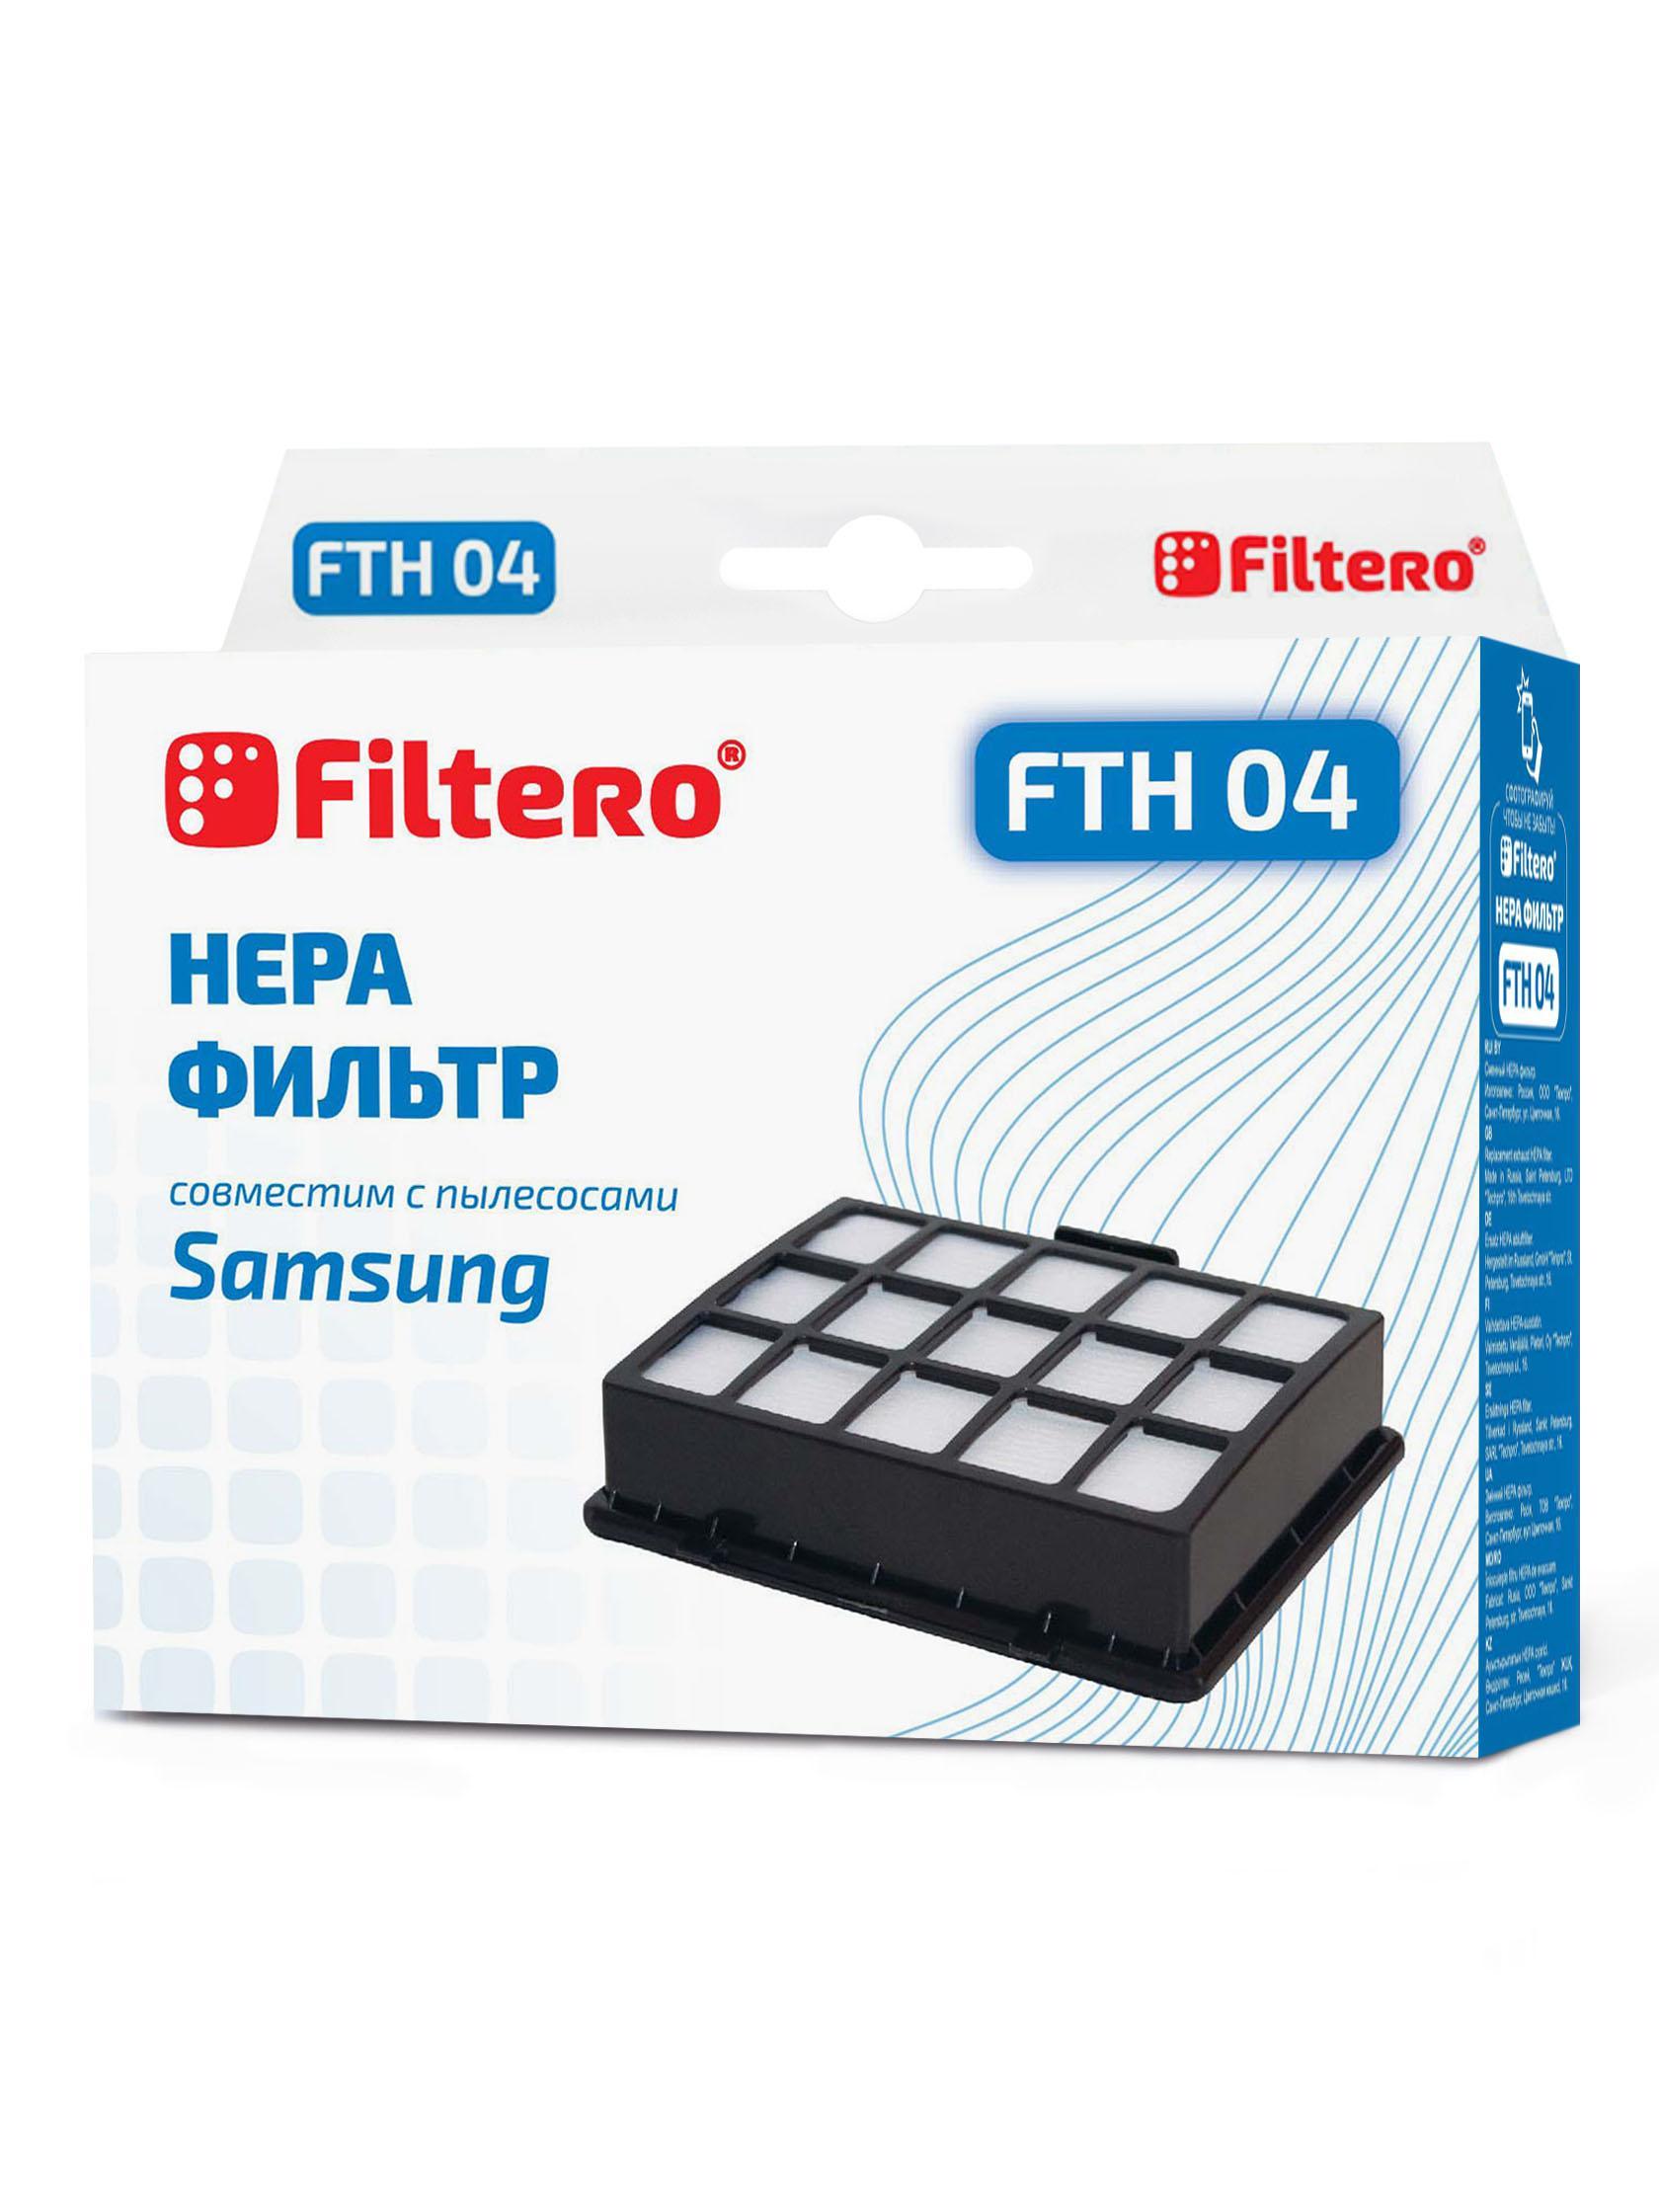 Фильтр Filtero Fth 04 sam фильтр filtero fth 07 sam hepa для пылес samsung